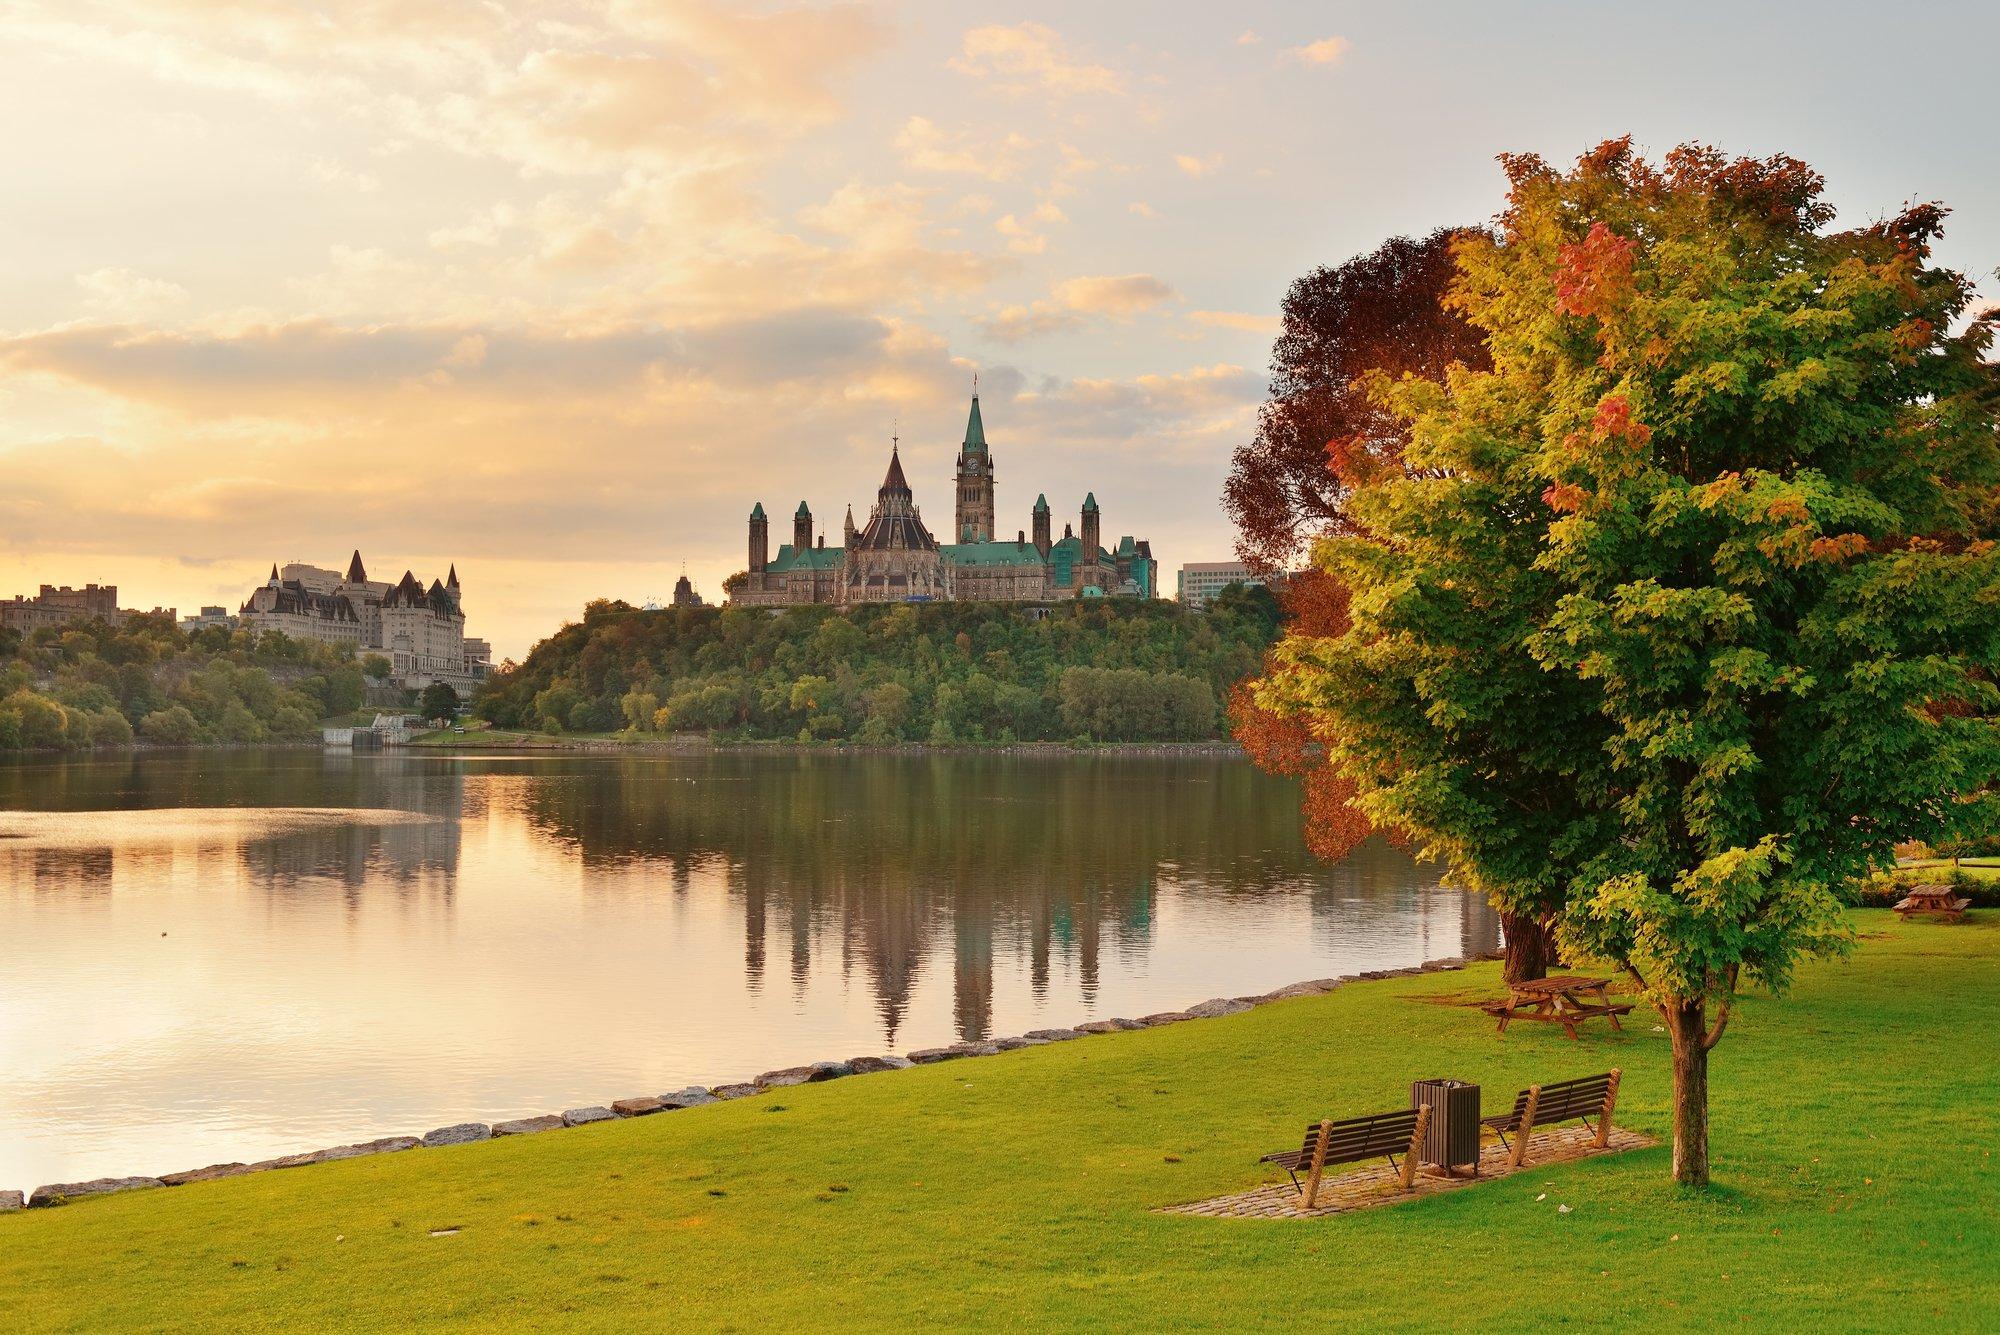 Ottawa's Parliament Hill in fall